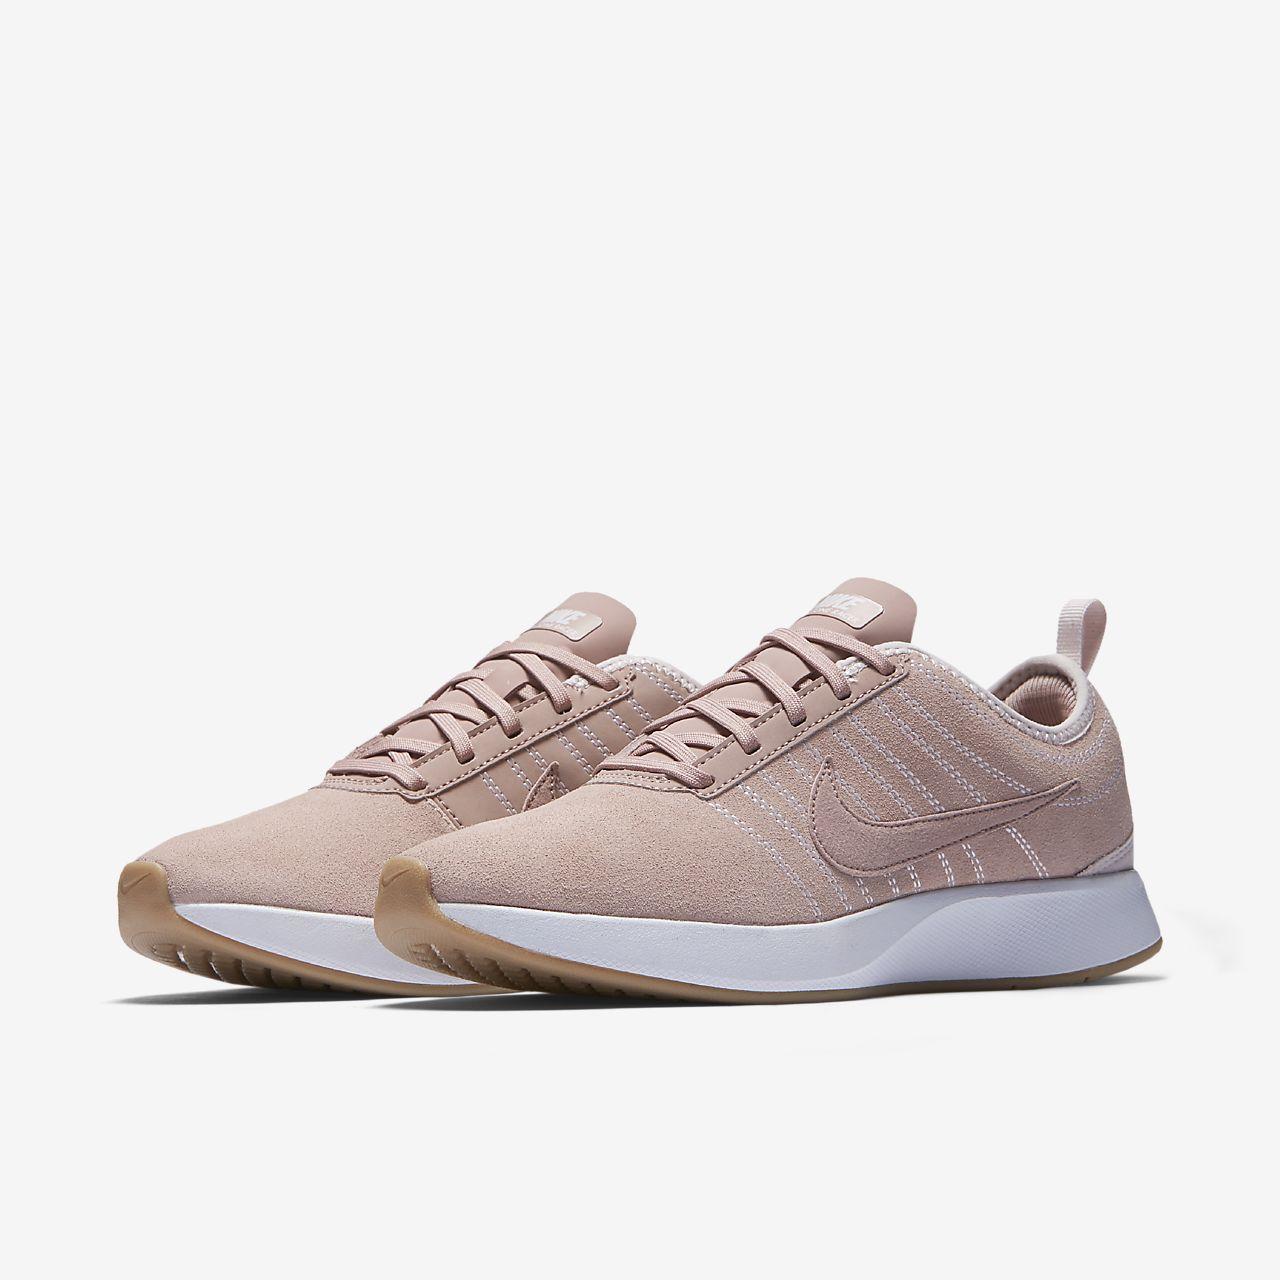 Nike Coureur Double Ton - Femmes Blanches / Gris gxNHw5nuz